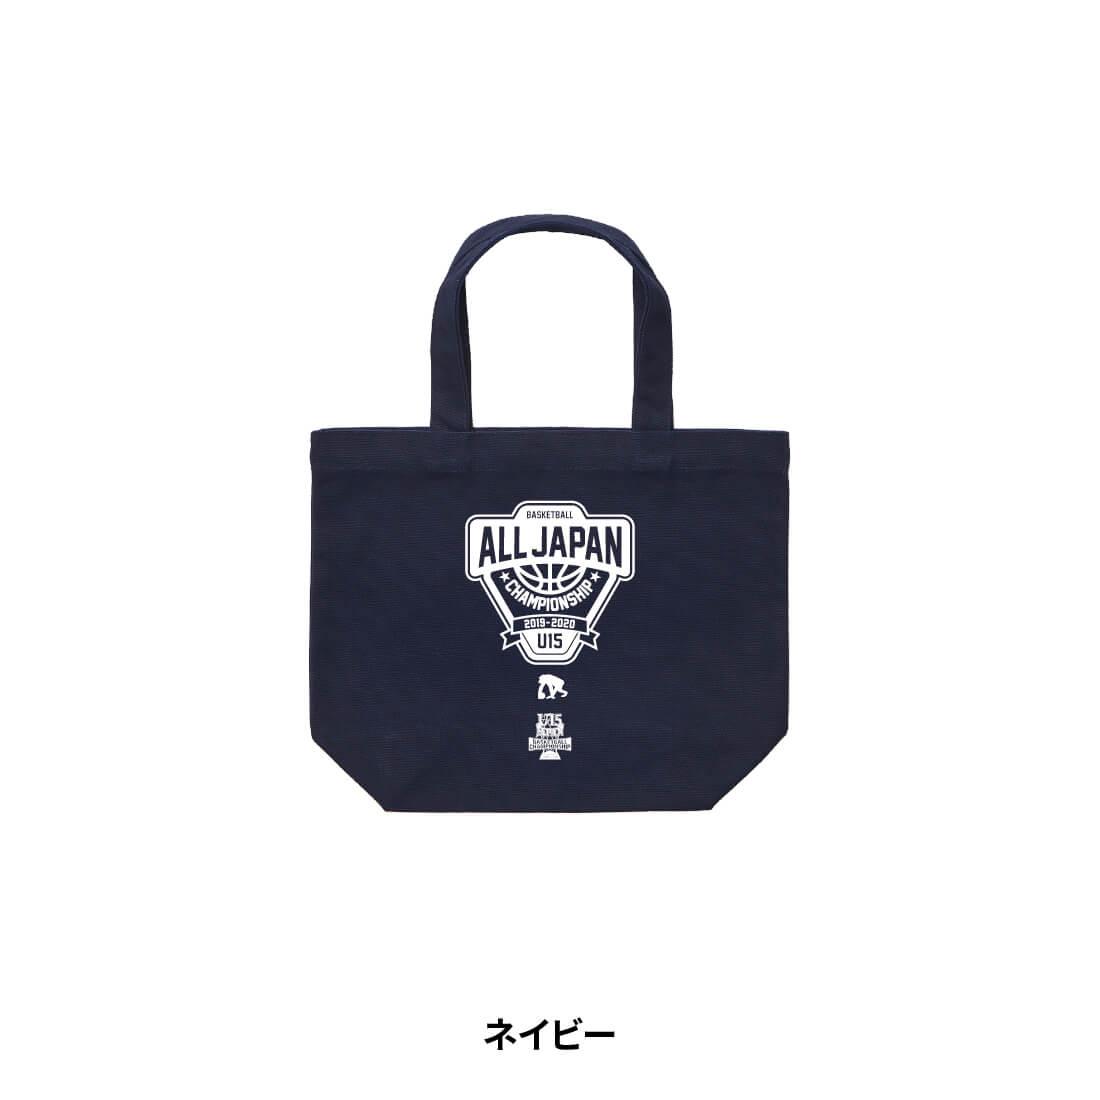 【全国U15限定】TOTE BAG (S) ネイビー